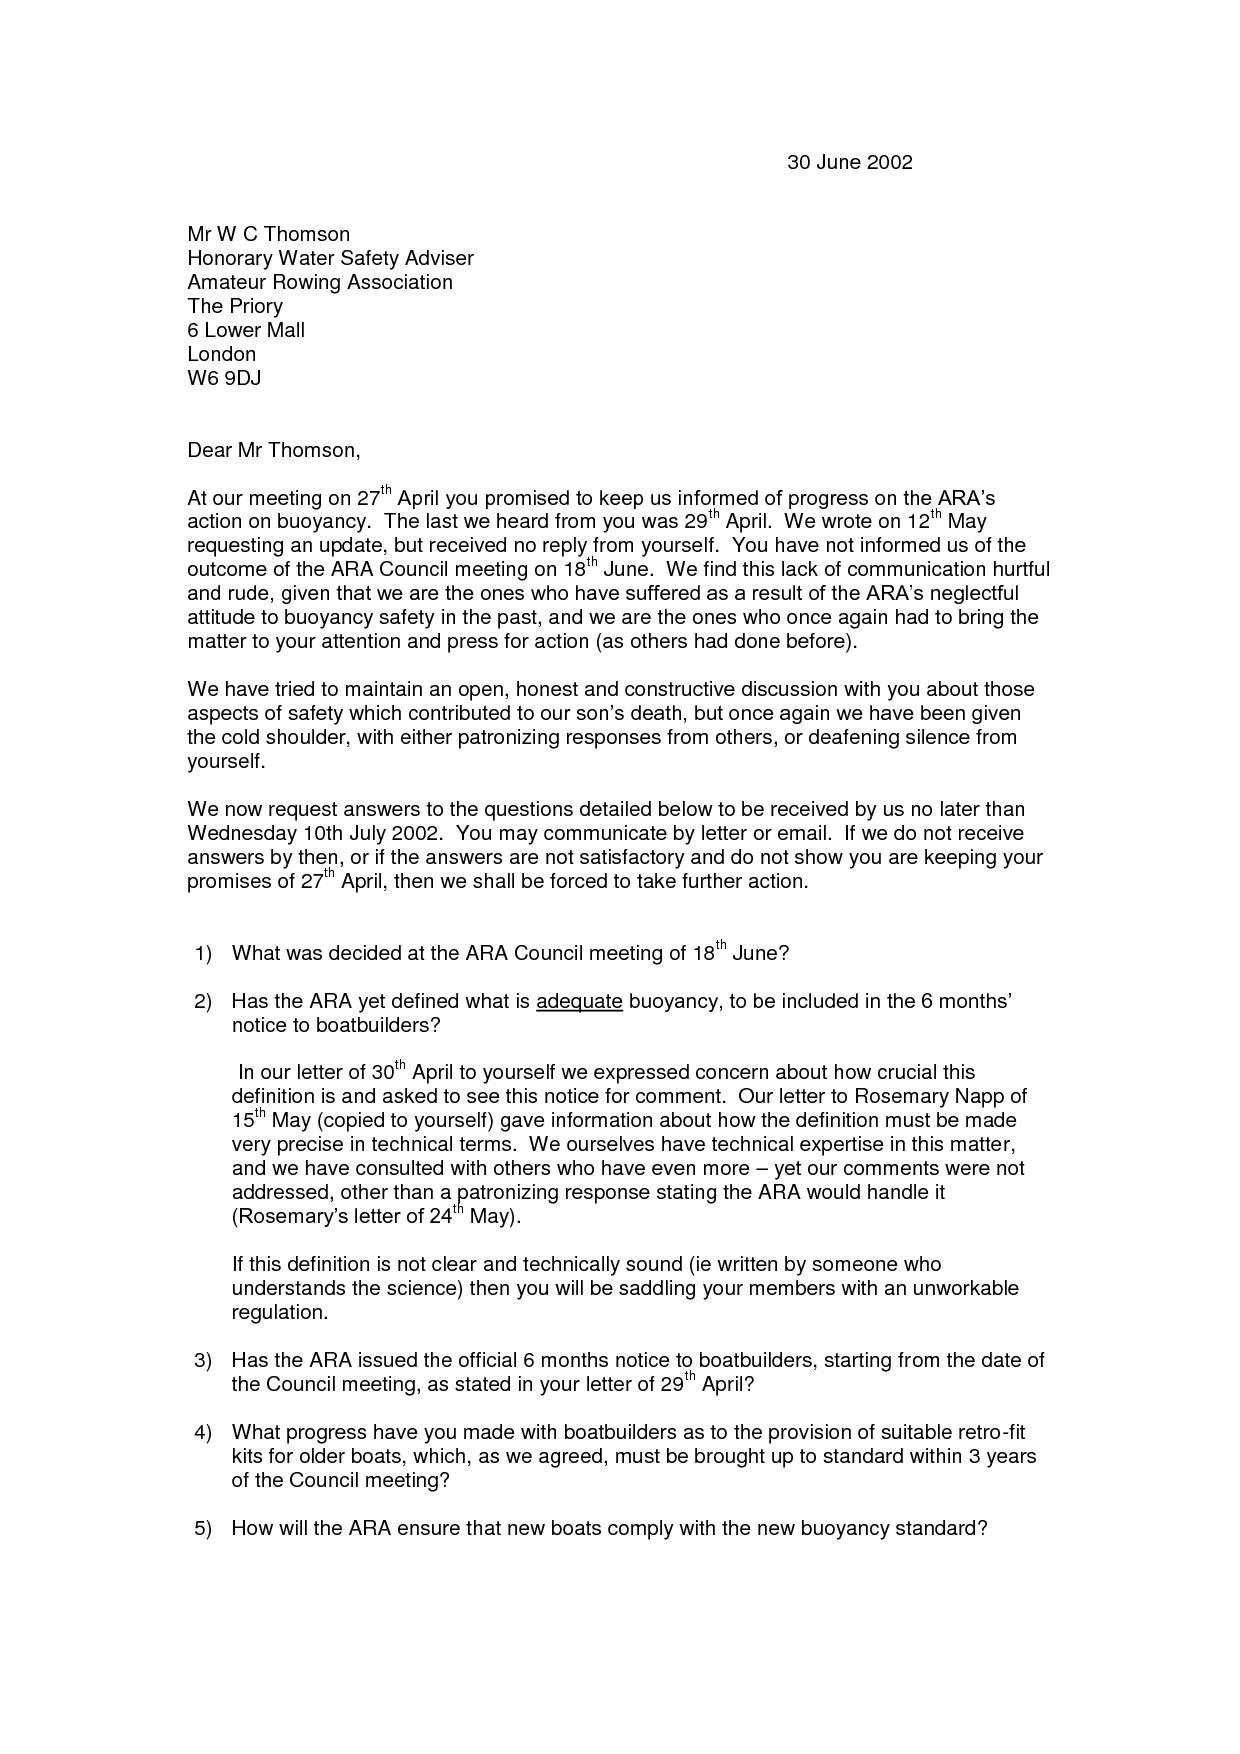 qdro cover letter